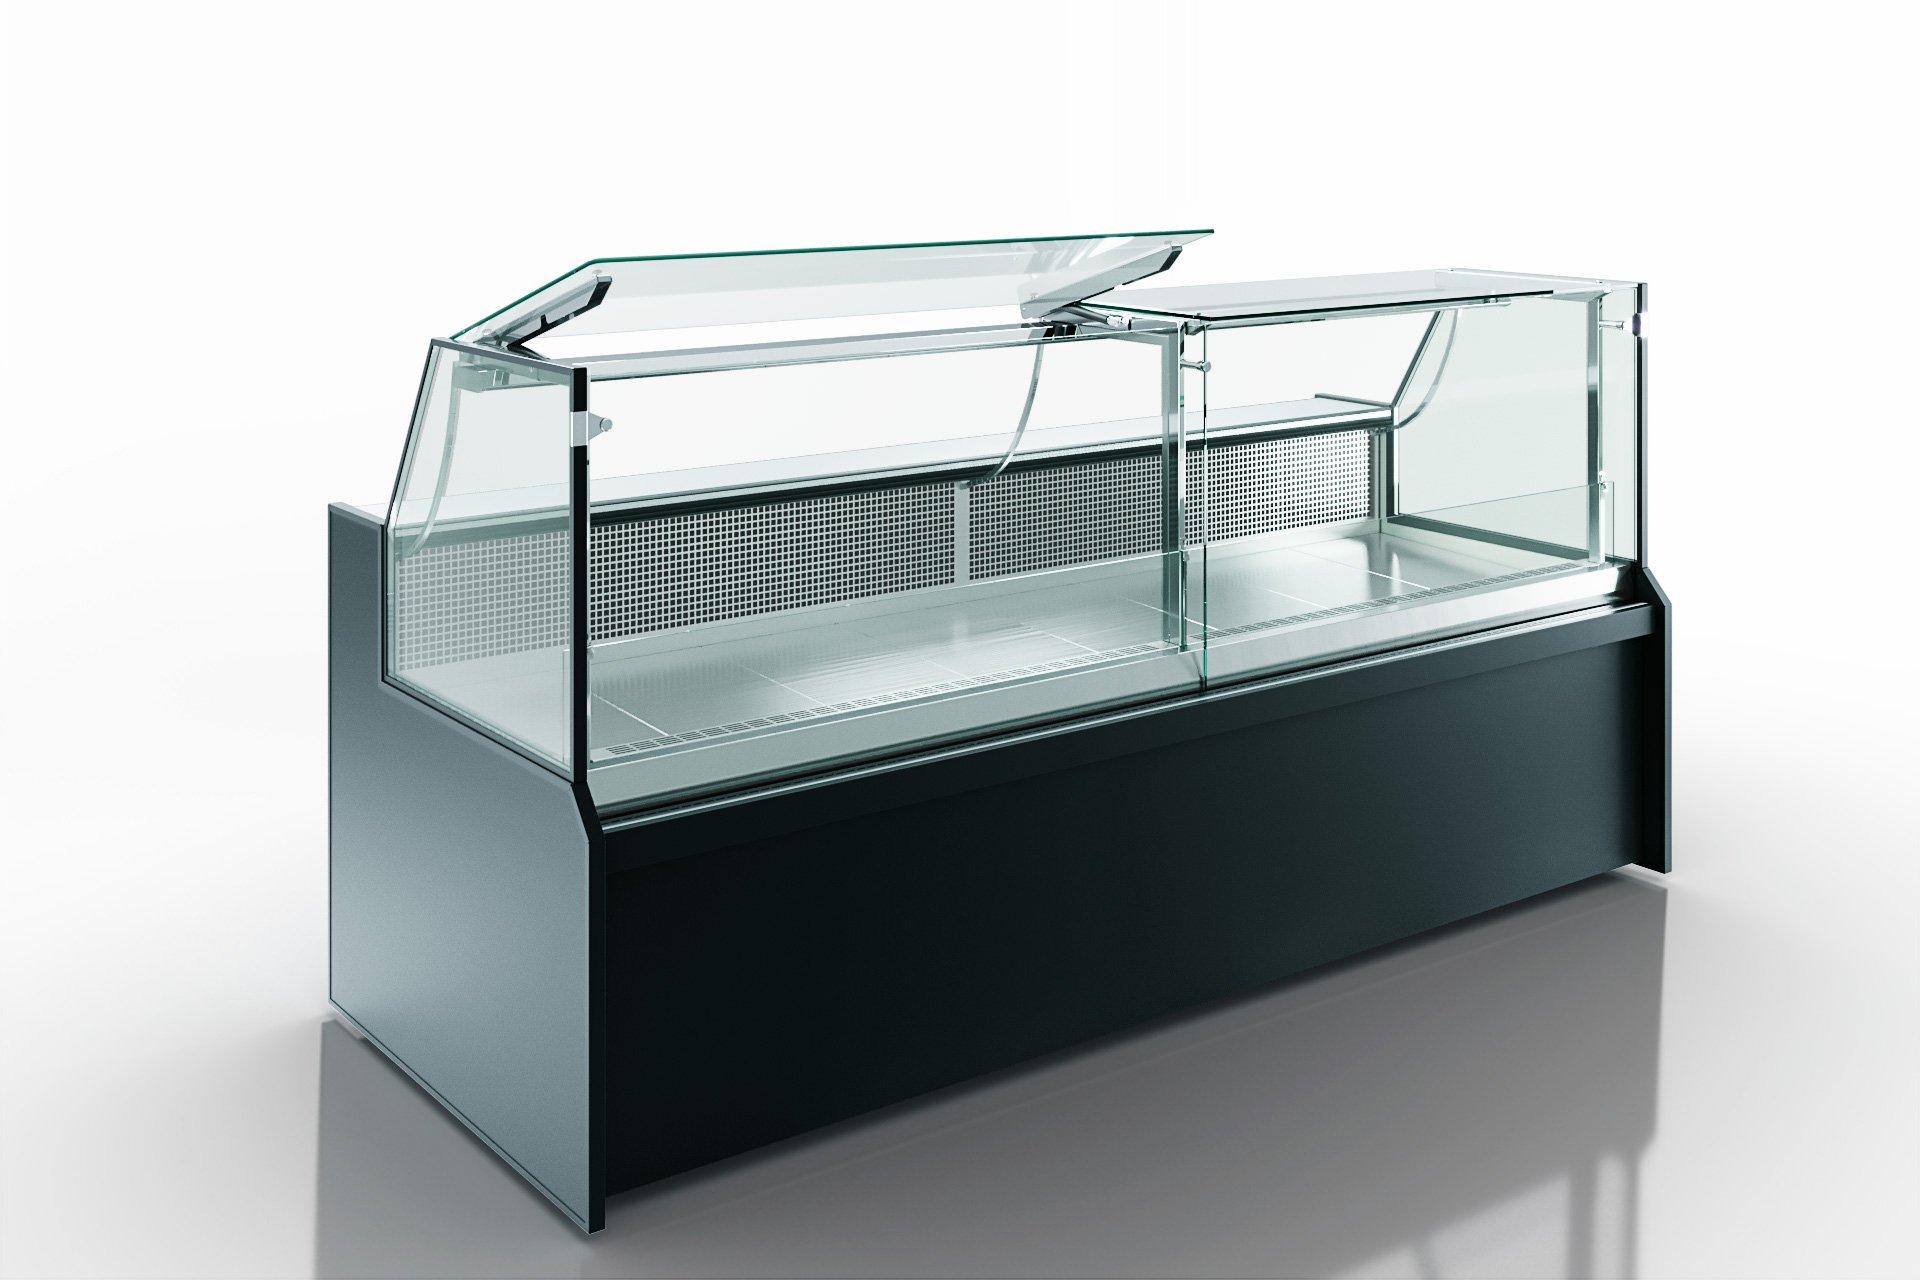 Холодильна вітрина Missouri MC 100 deli PP 130-SBM/SBA